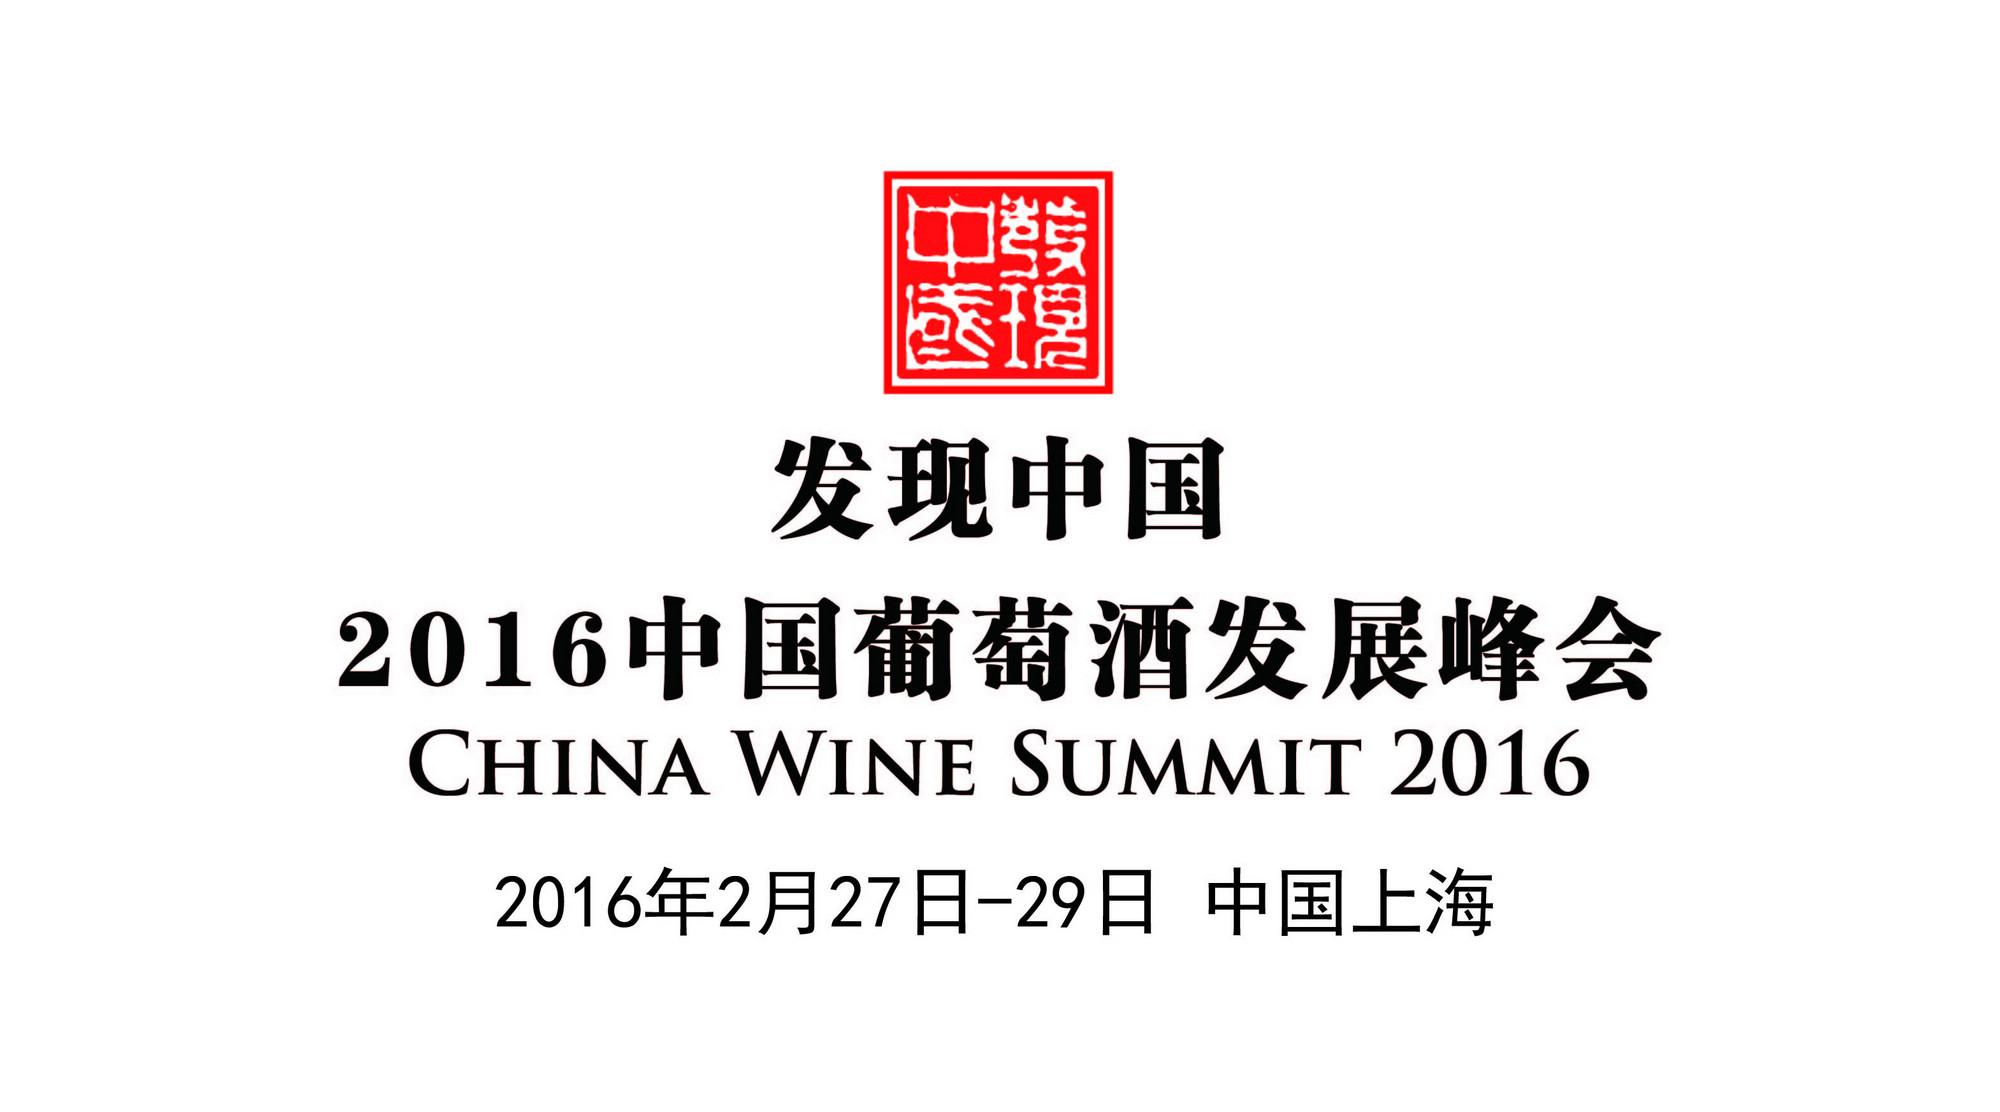 发现中国:2016中国葡萄酒发展峰会合作伙伴